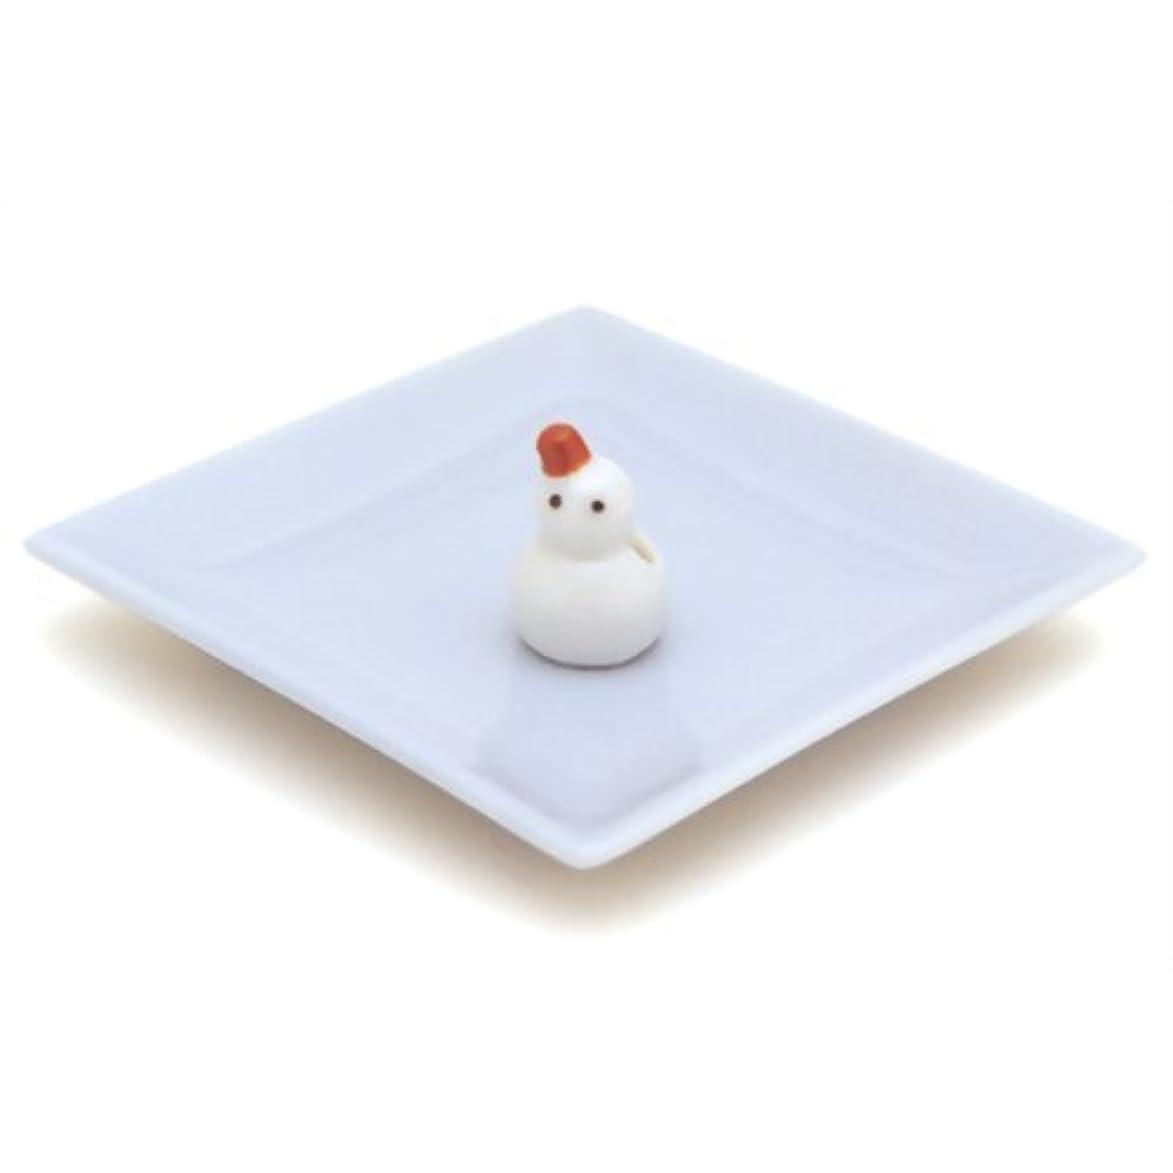 分注する保護冒険者陶器香皿&雪ダルマ香立